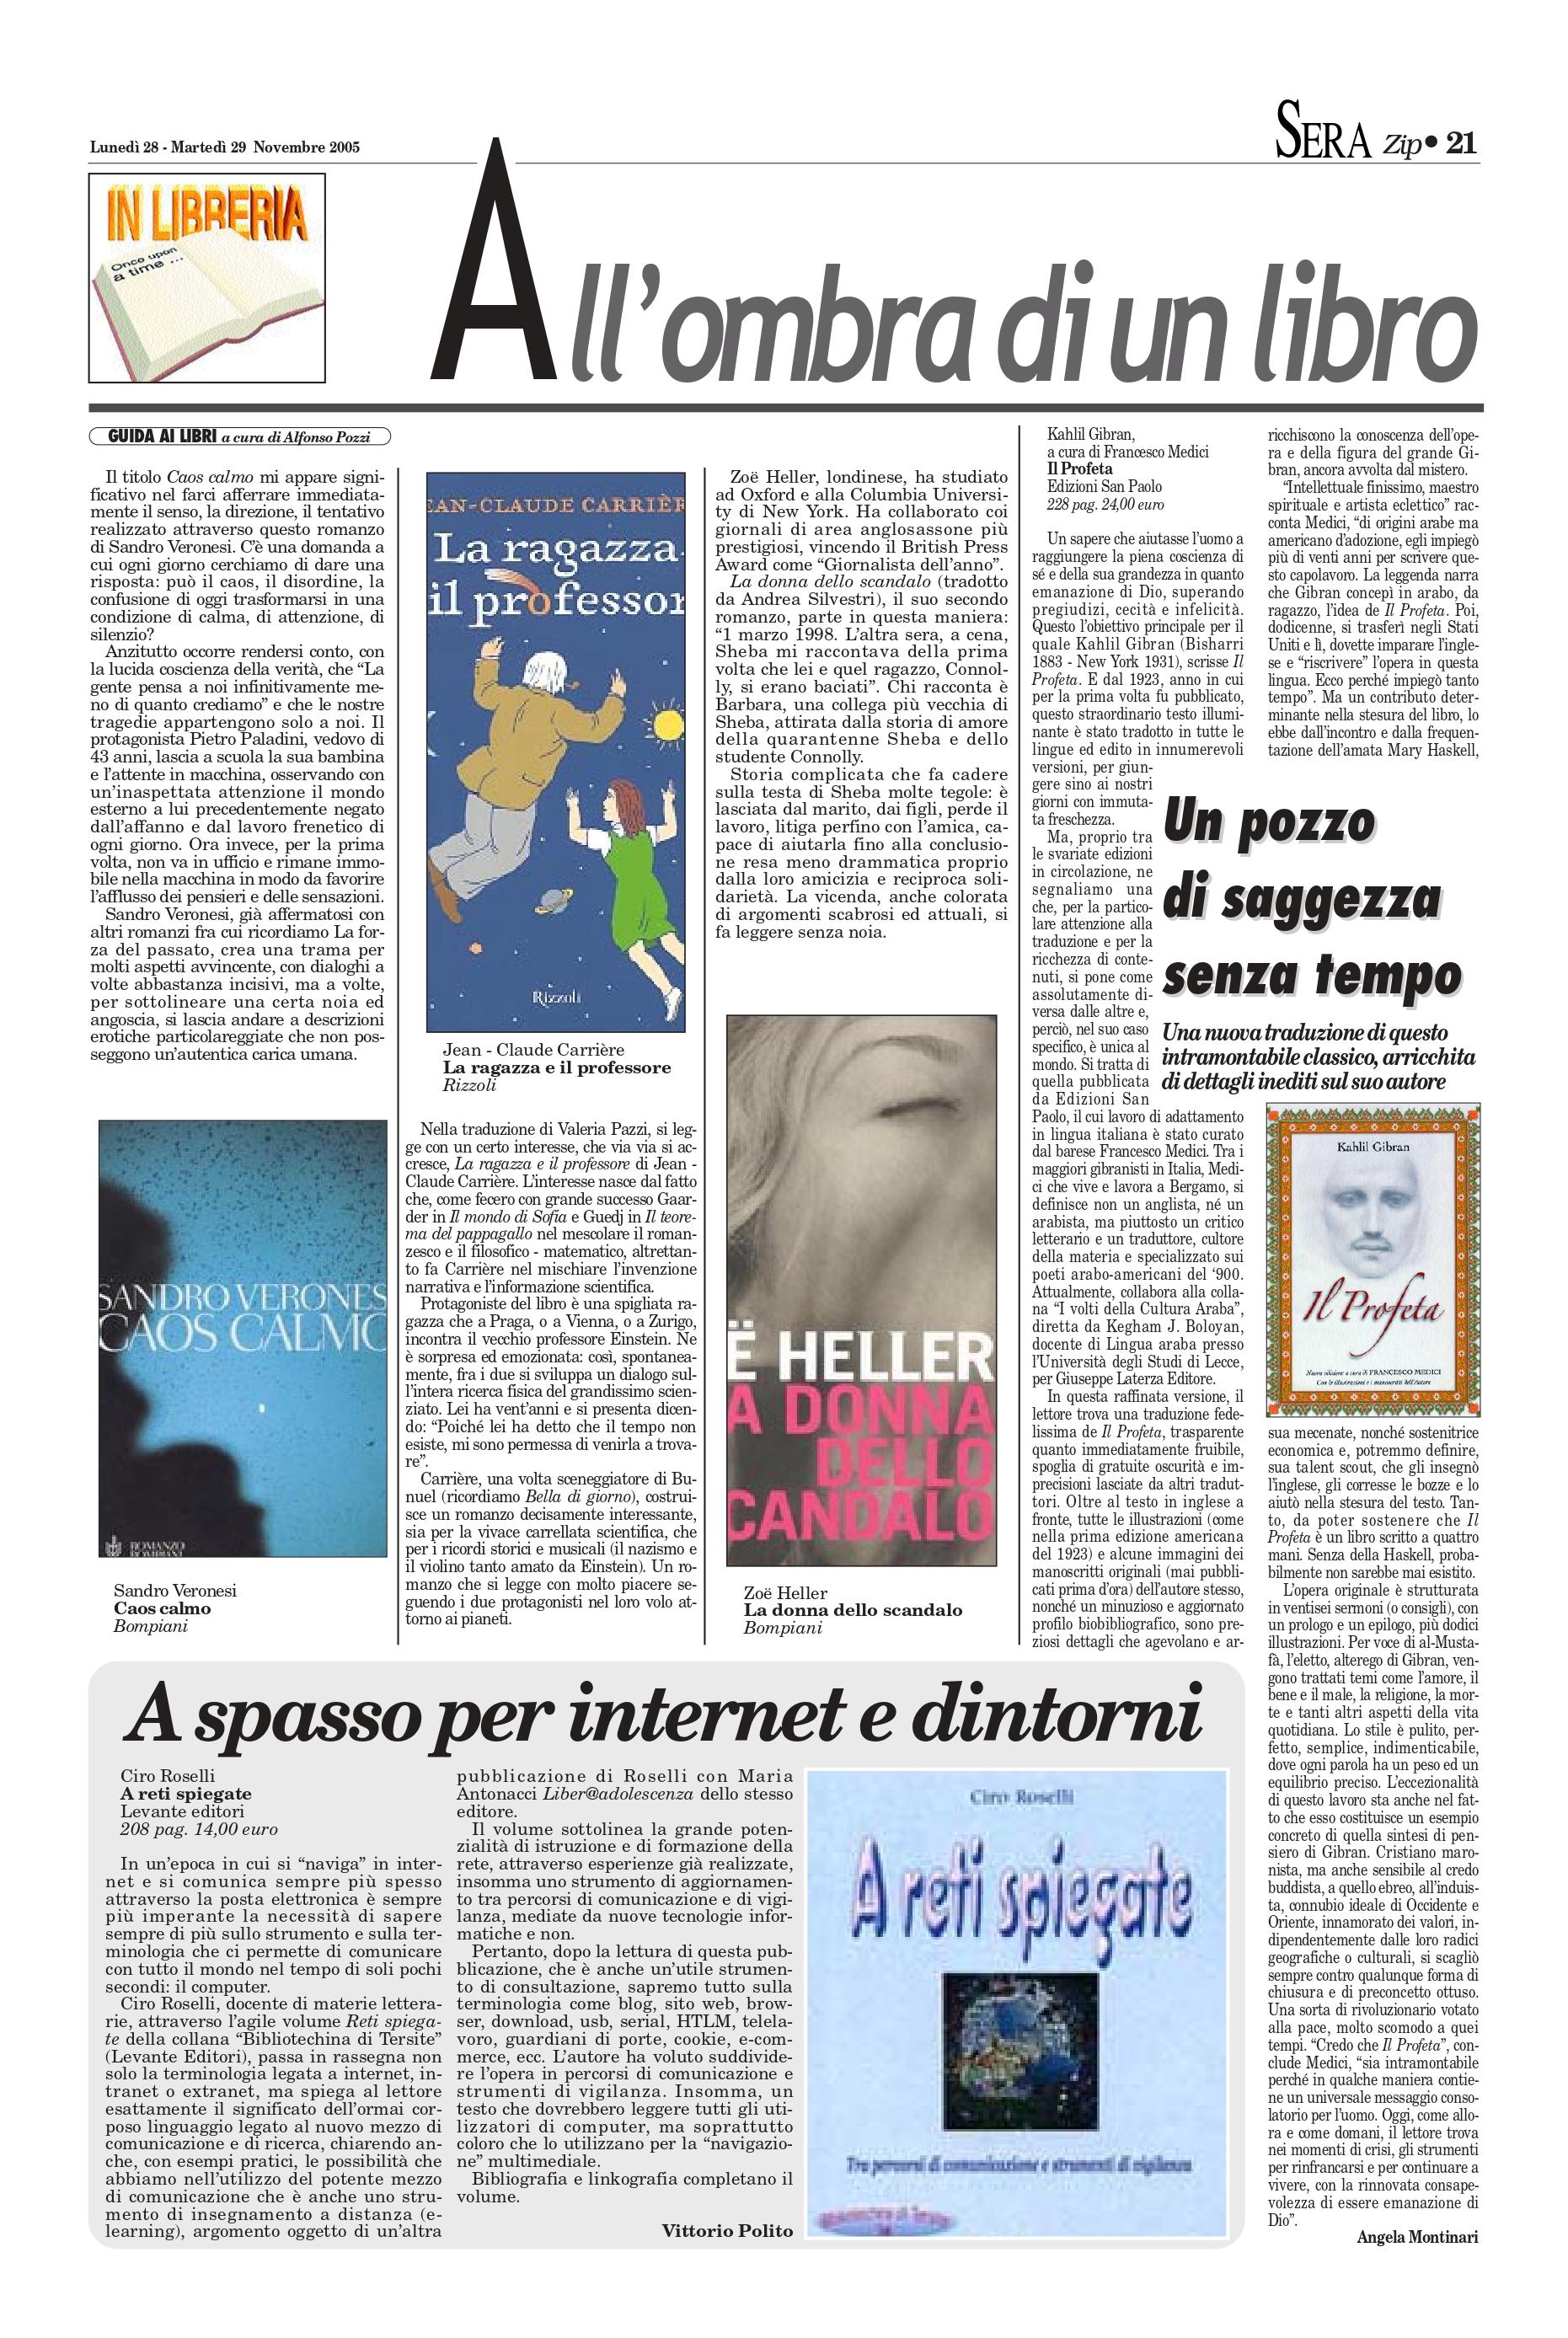 """Angela Montinari, """"Un pozzo di saggezza senza tempo"""", BariSera, Nov 28-29, 2005, p. 21 (review)"""